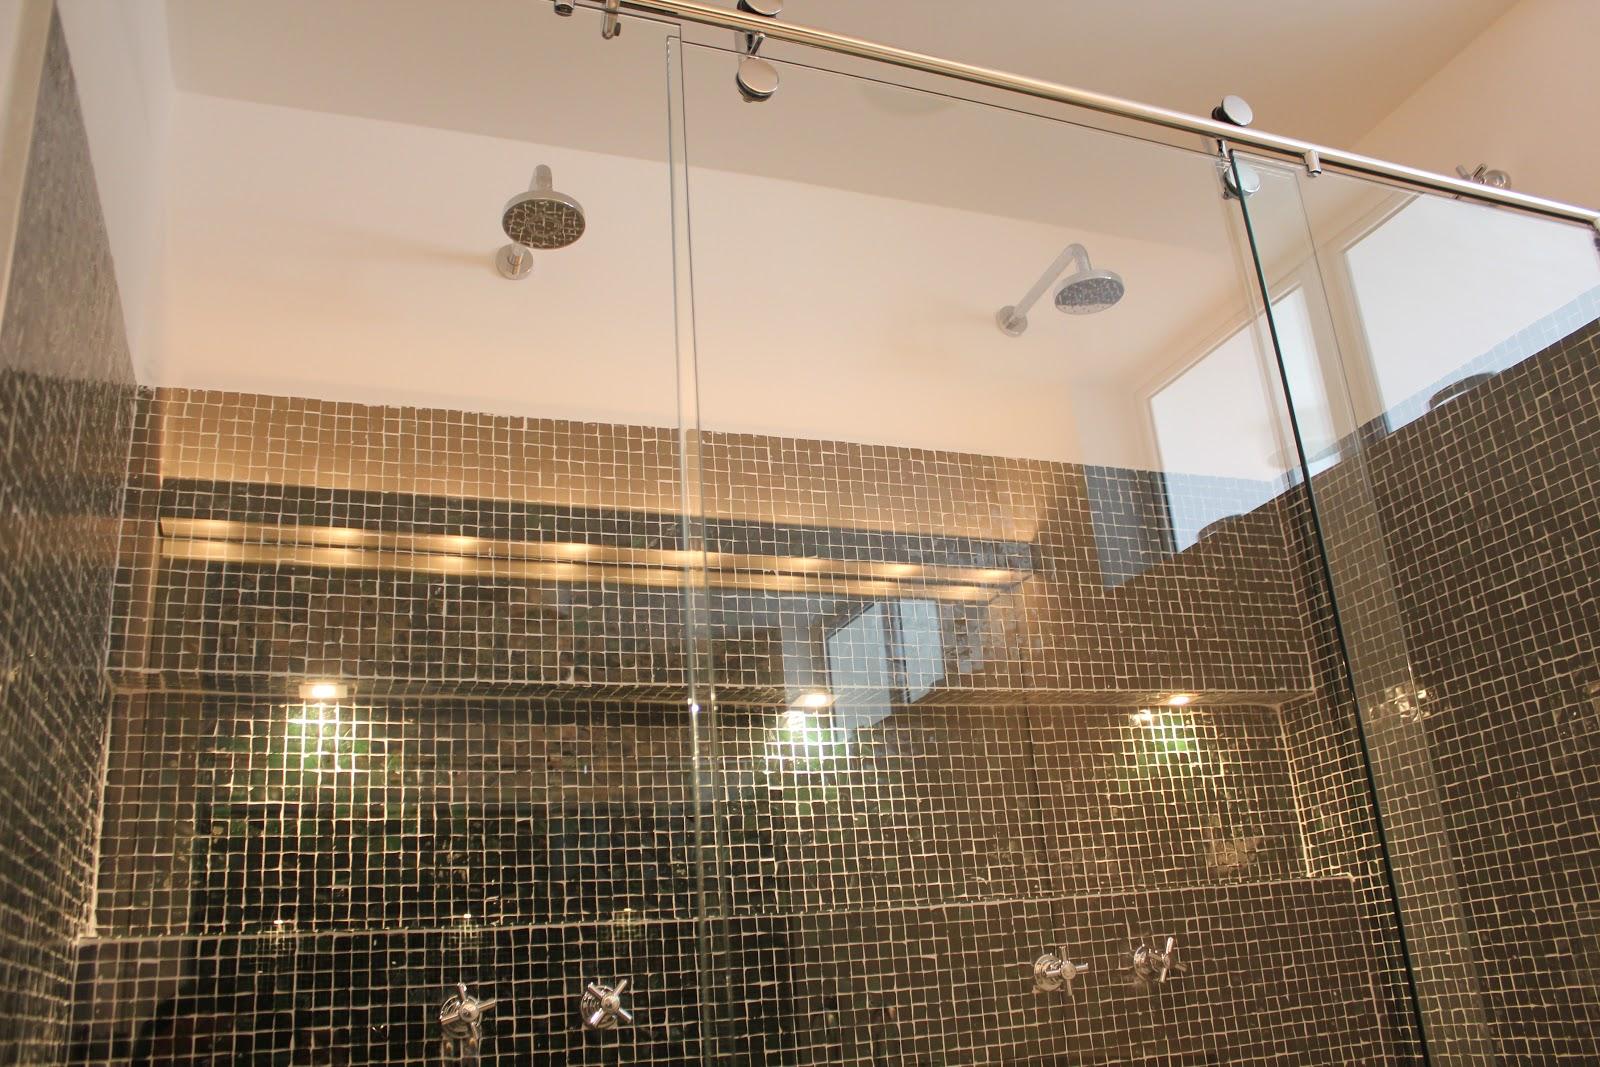 Banheiro da suíte amplo com duas cubas independentes e pia em  #8D663E 1600x1067 Banheiro Casal Duas Cubas